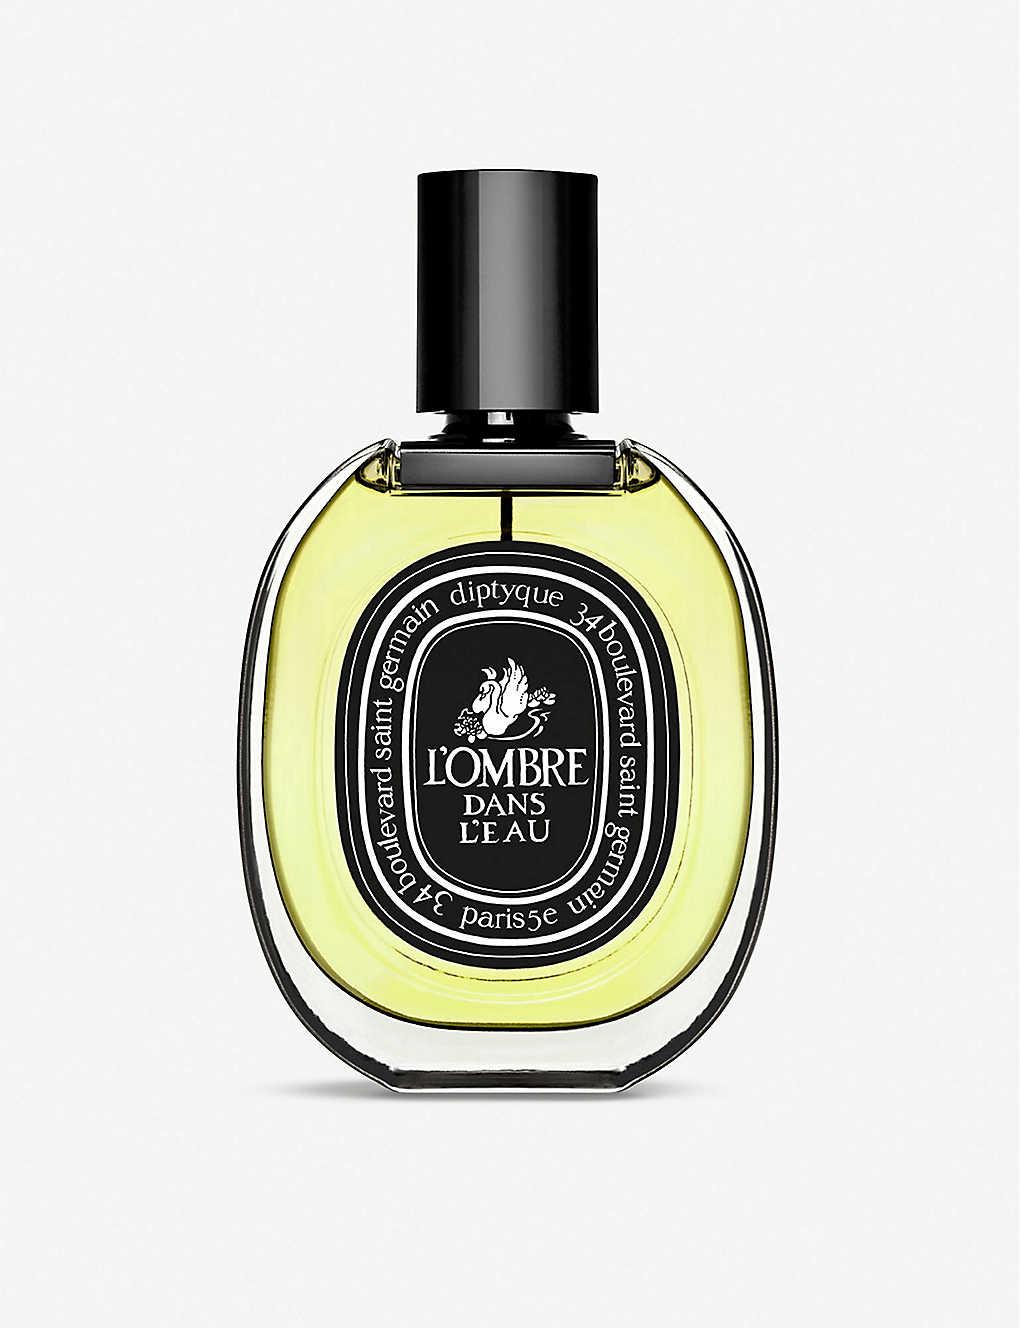 Diptyque Lombre Dans Leau Eau De Parfum Selfridgescom